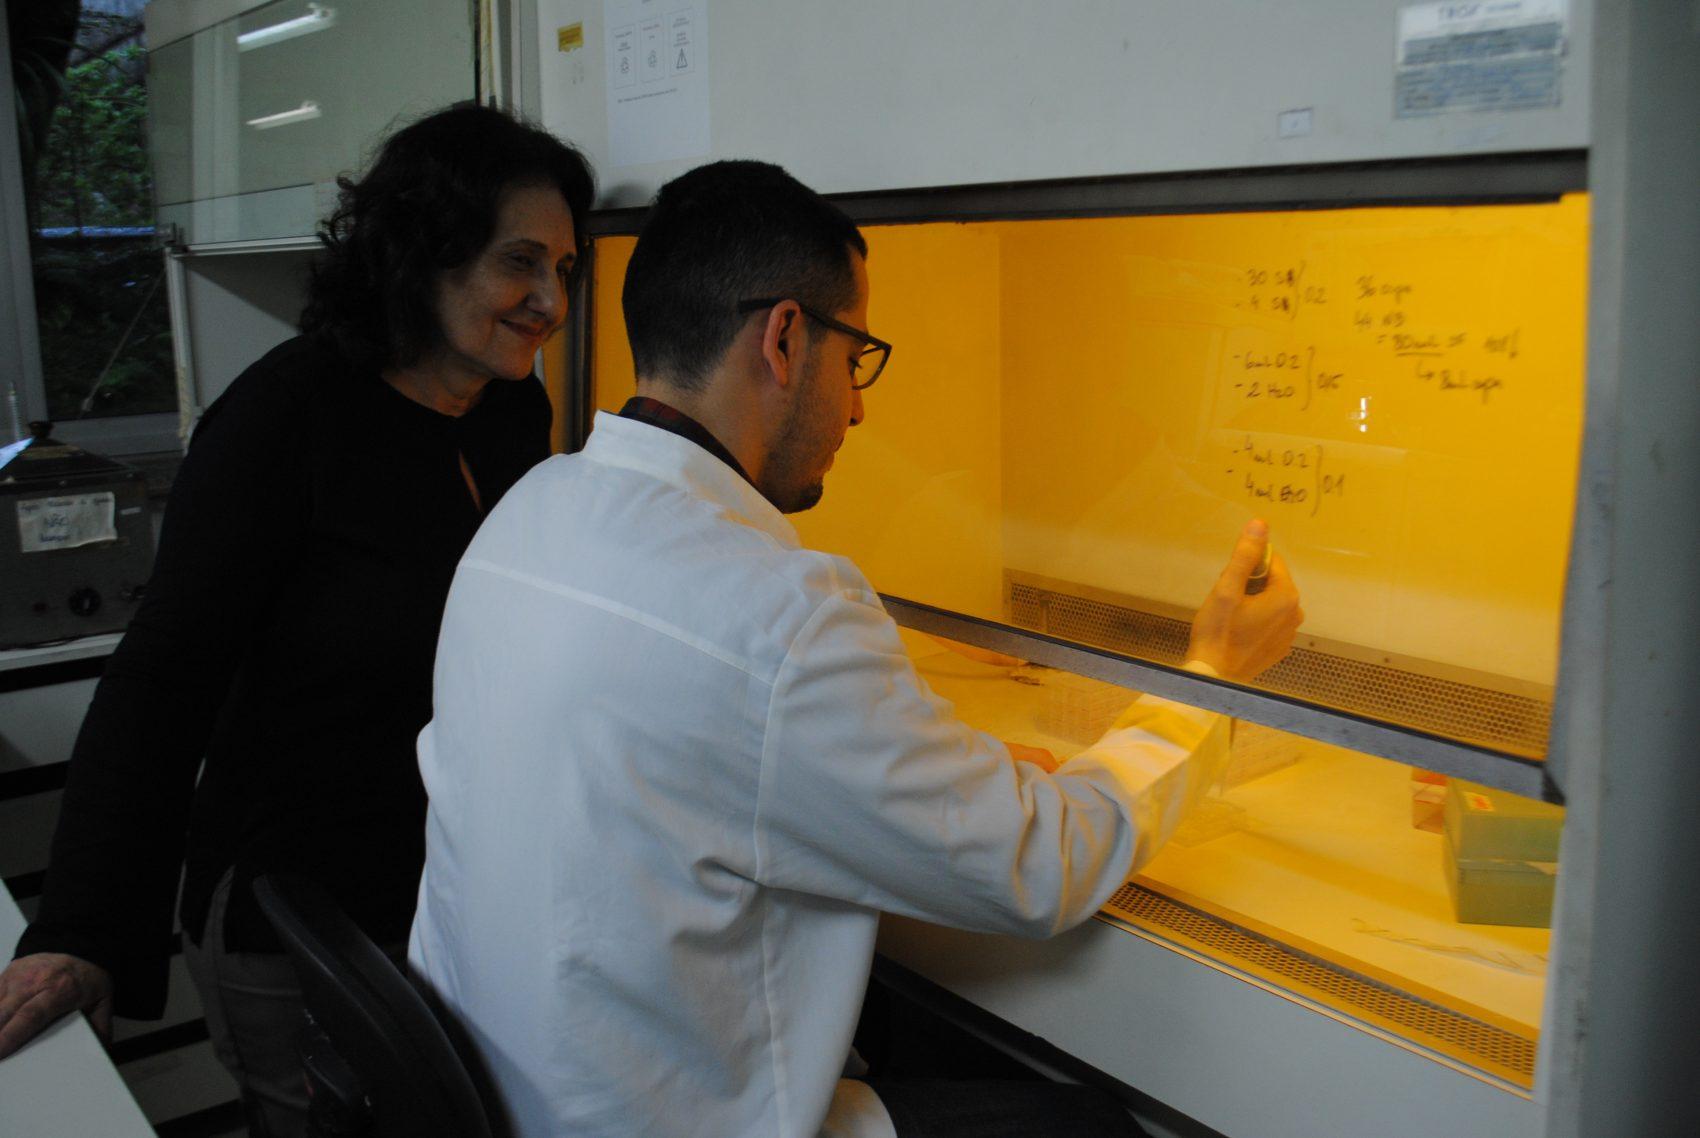 Fabiano Brito com a orientadora Vera Ferrão Vargas na UFRGS: pesquisa para aprofundar as propriedades do resíduo da erva-mate (Foto: Cibele Carneiro)